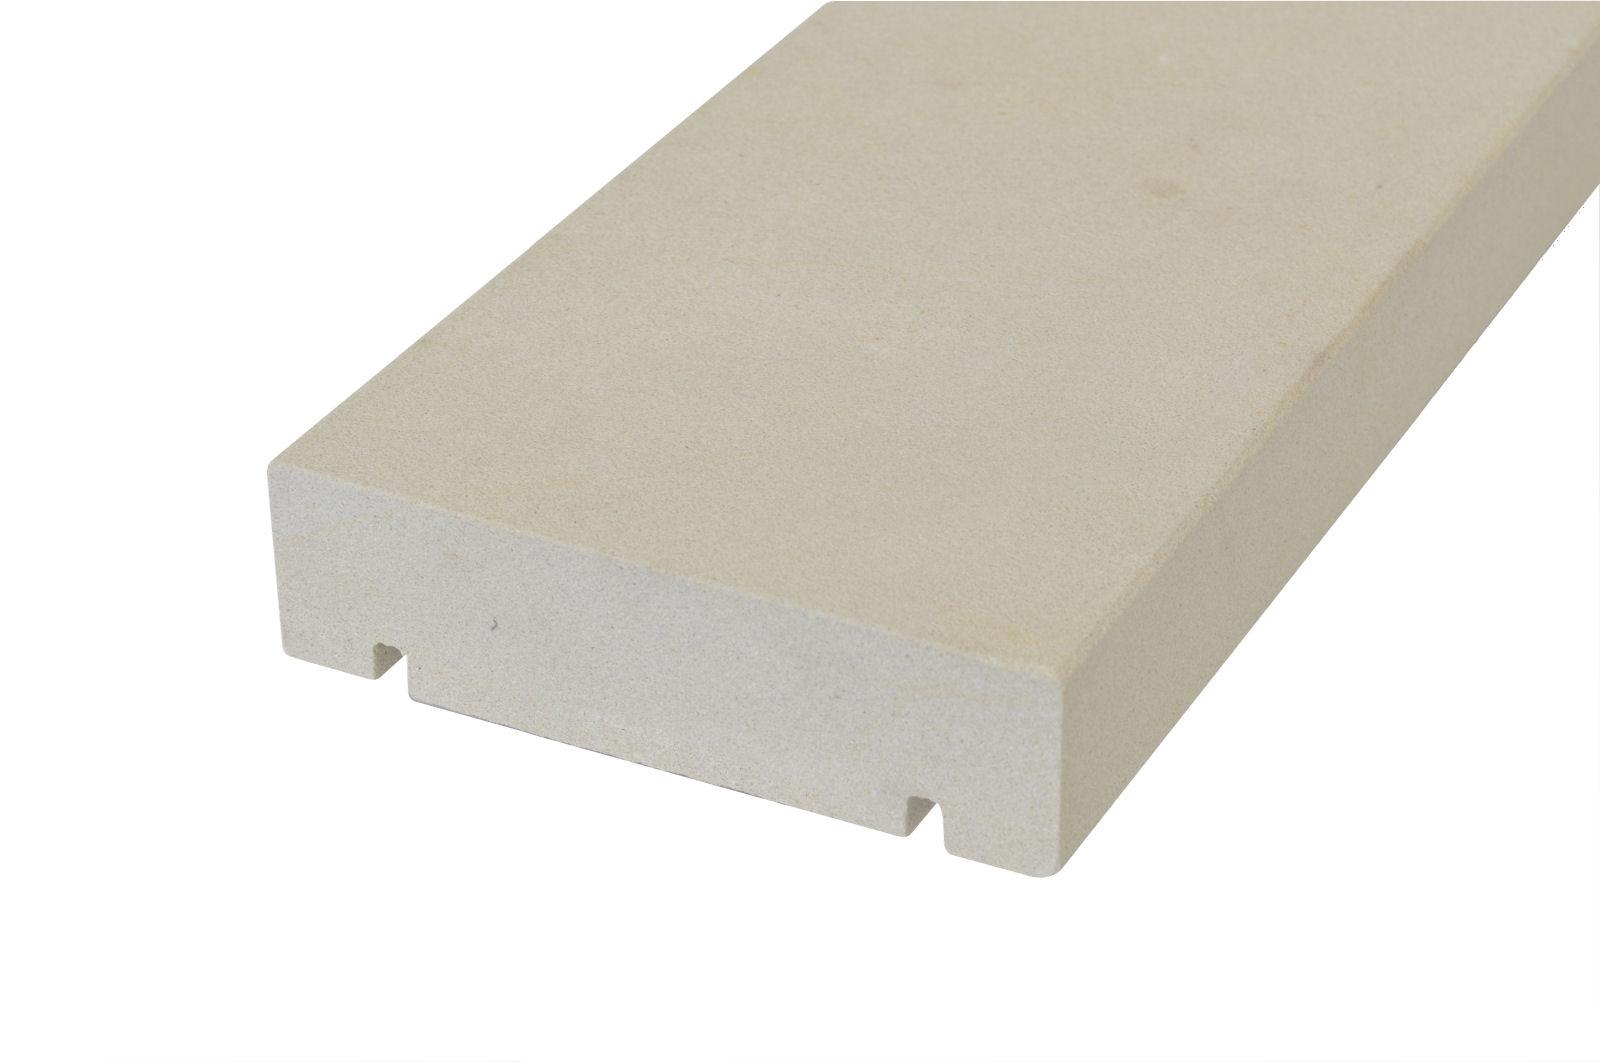 Mauerabdeckung 100 X 25 X 4 Cm Sandstein Naturstein Grau